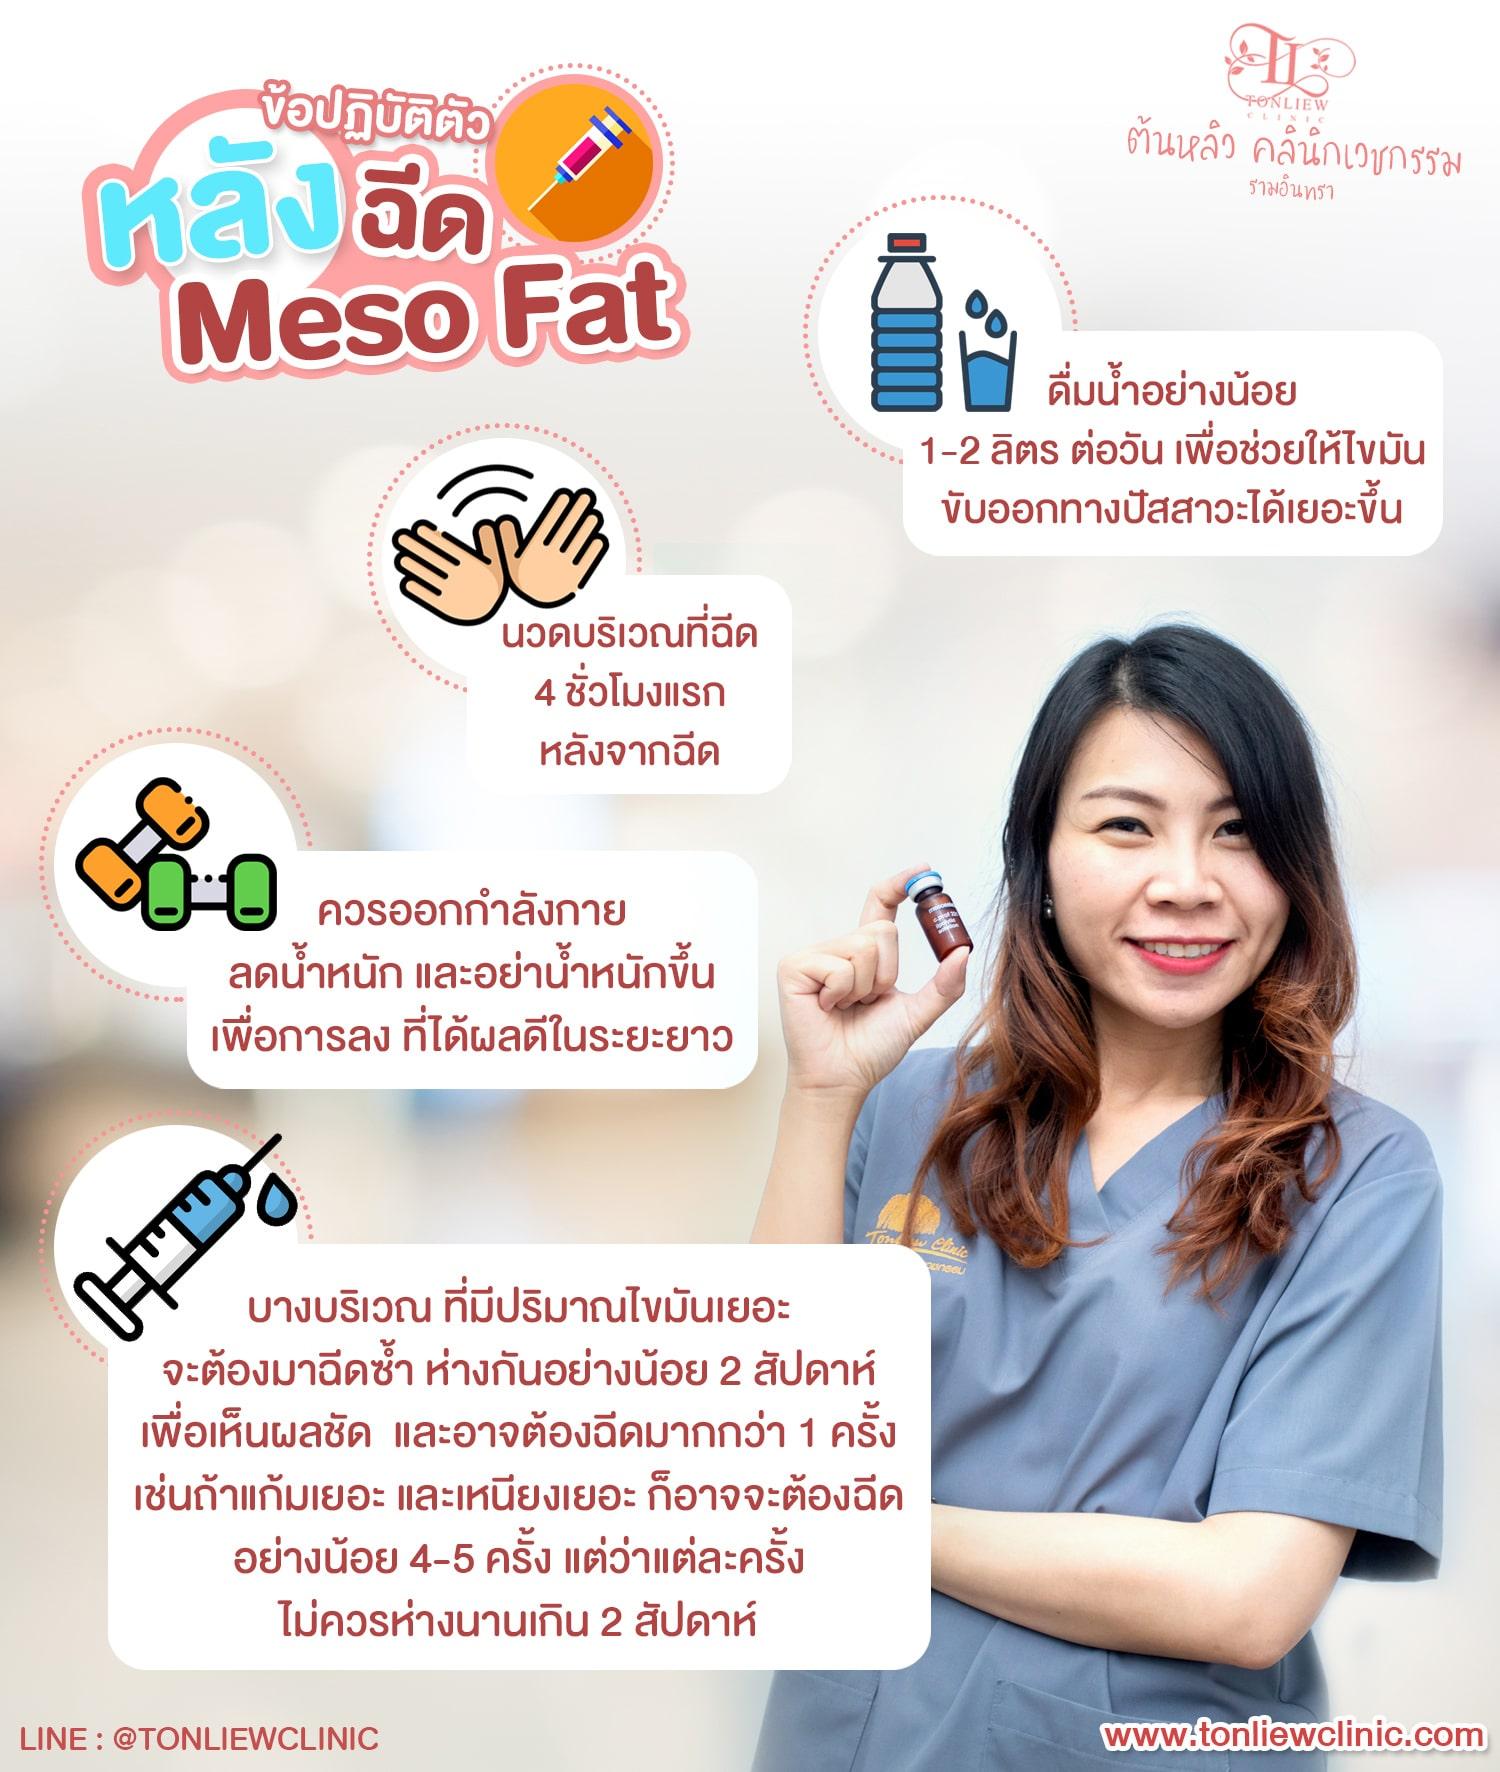 ข้อปฏิบัติตัว หลังฉีดสลายไขมัน เมโสแฟต (Meso Fat)